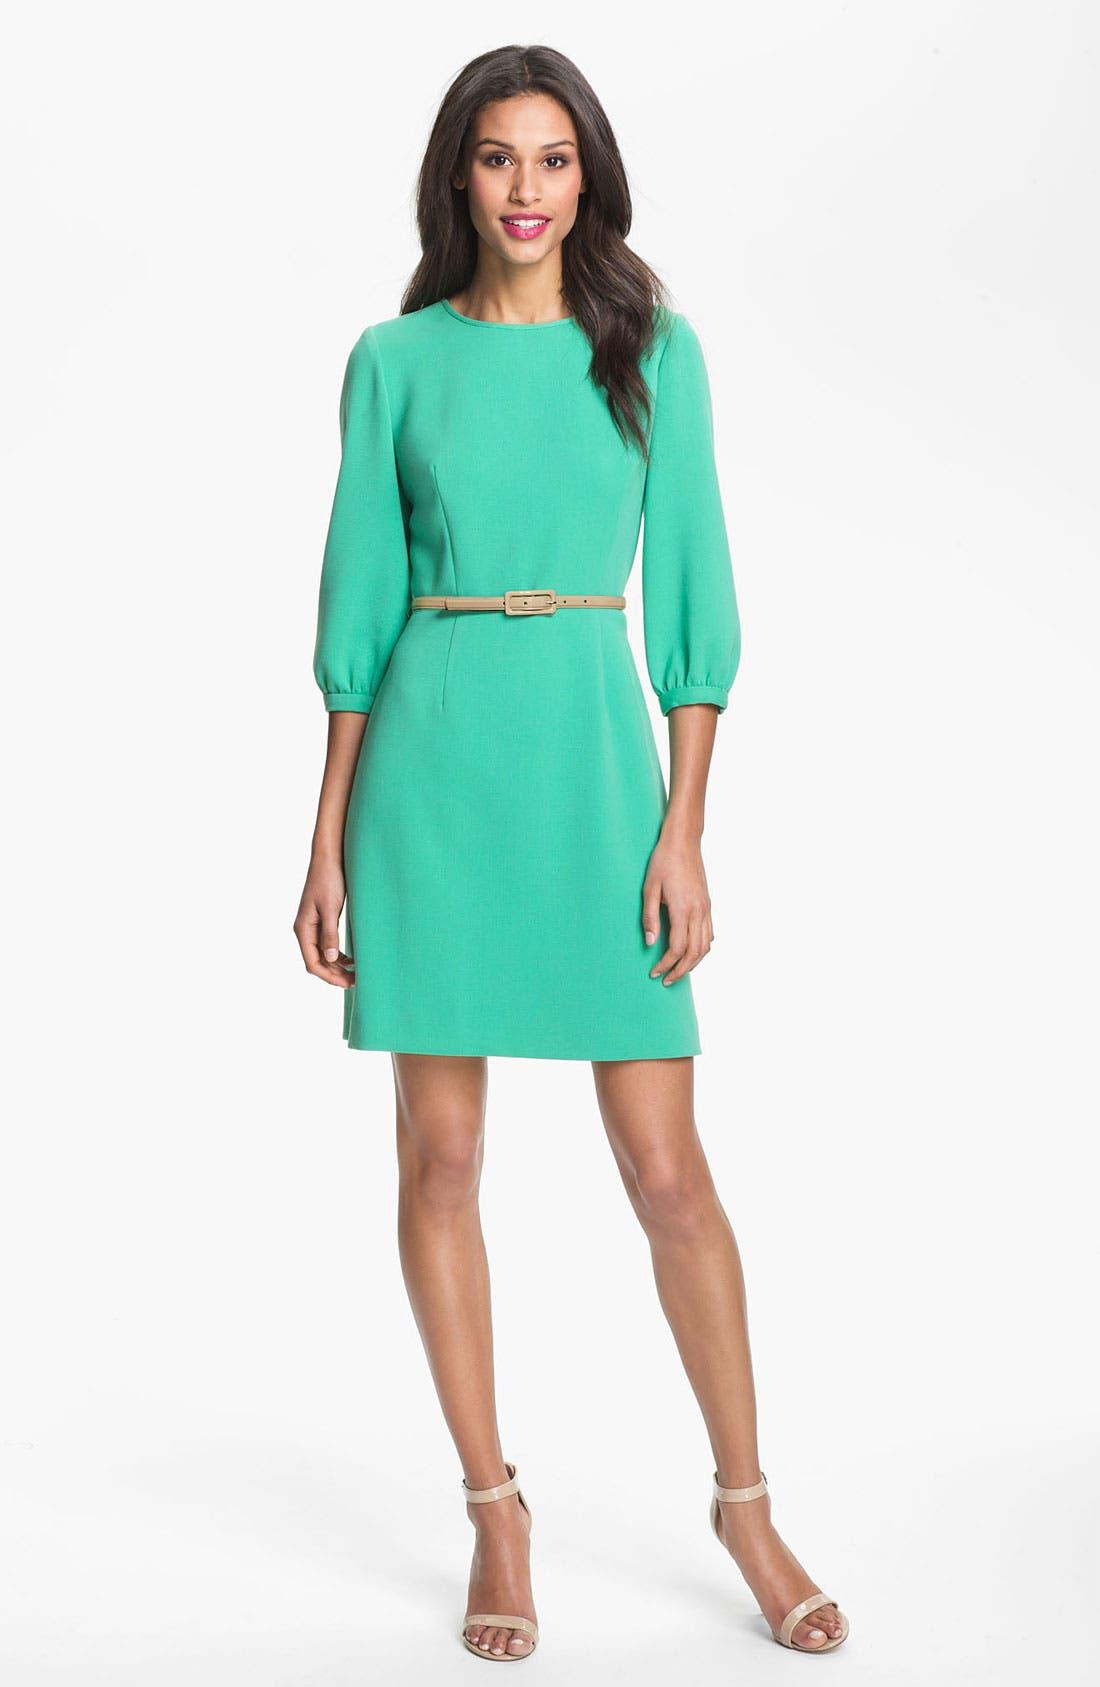 Alternate Image 1 Selected - Eliza J Blouson Sleeve Belted A-Line Dress